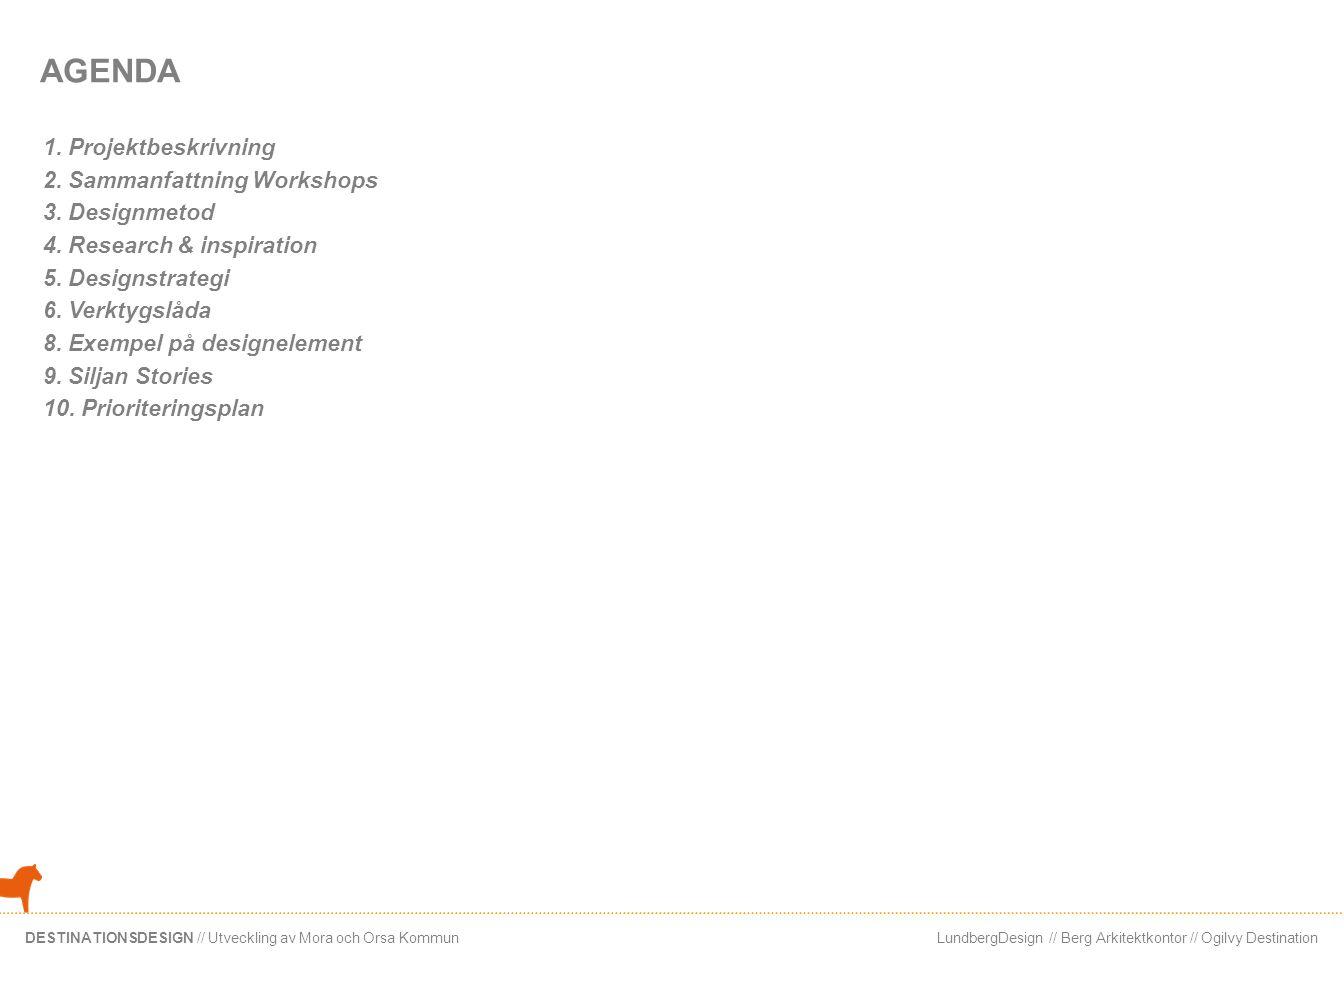 AGENDA 1. Projektbeskrivning 2. Sammanfattning Workshops